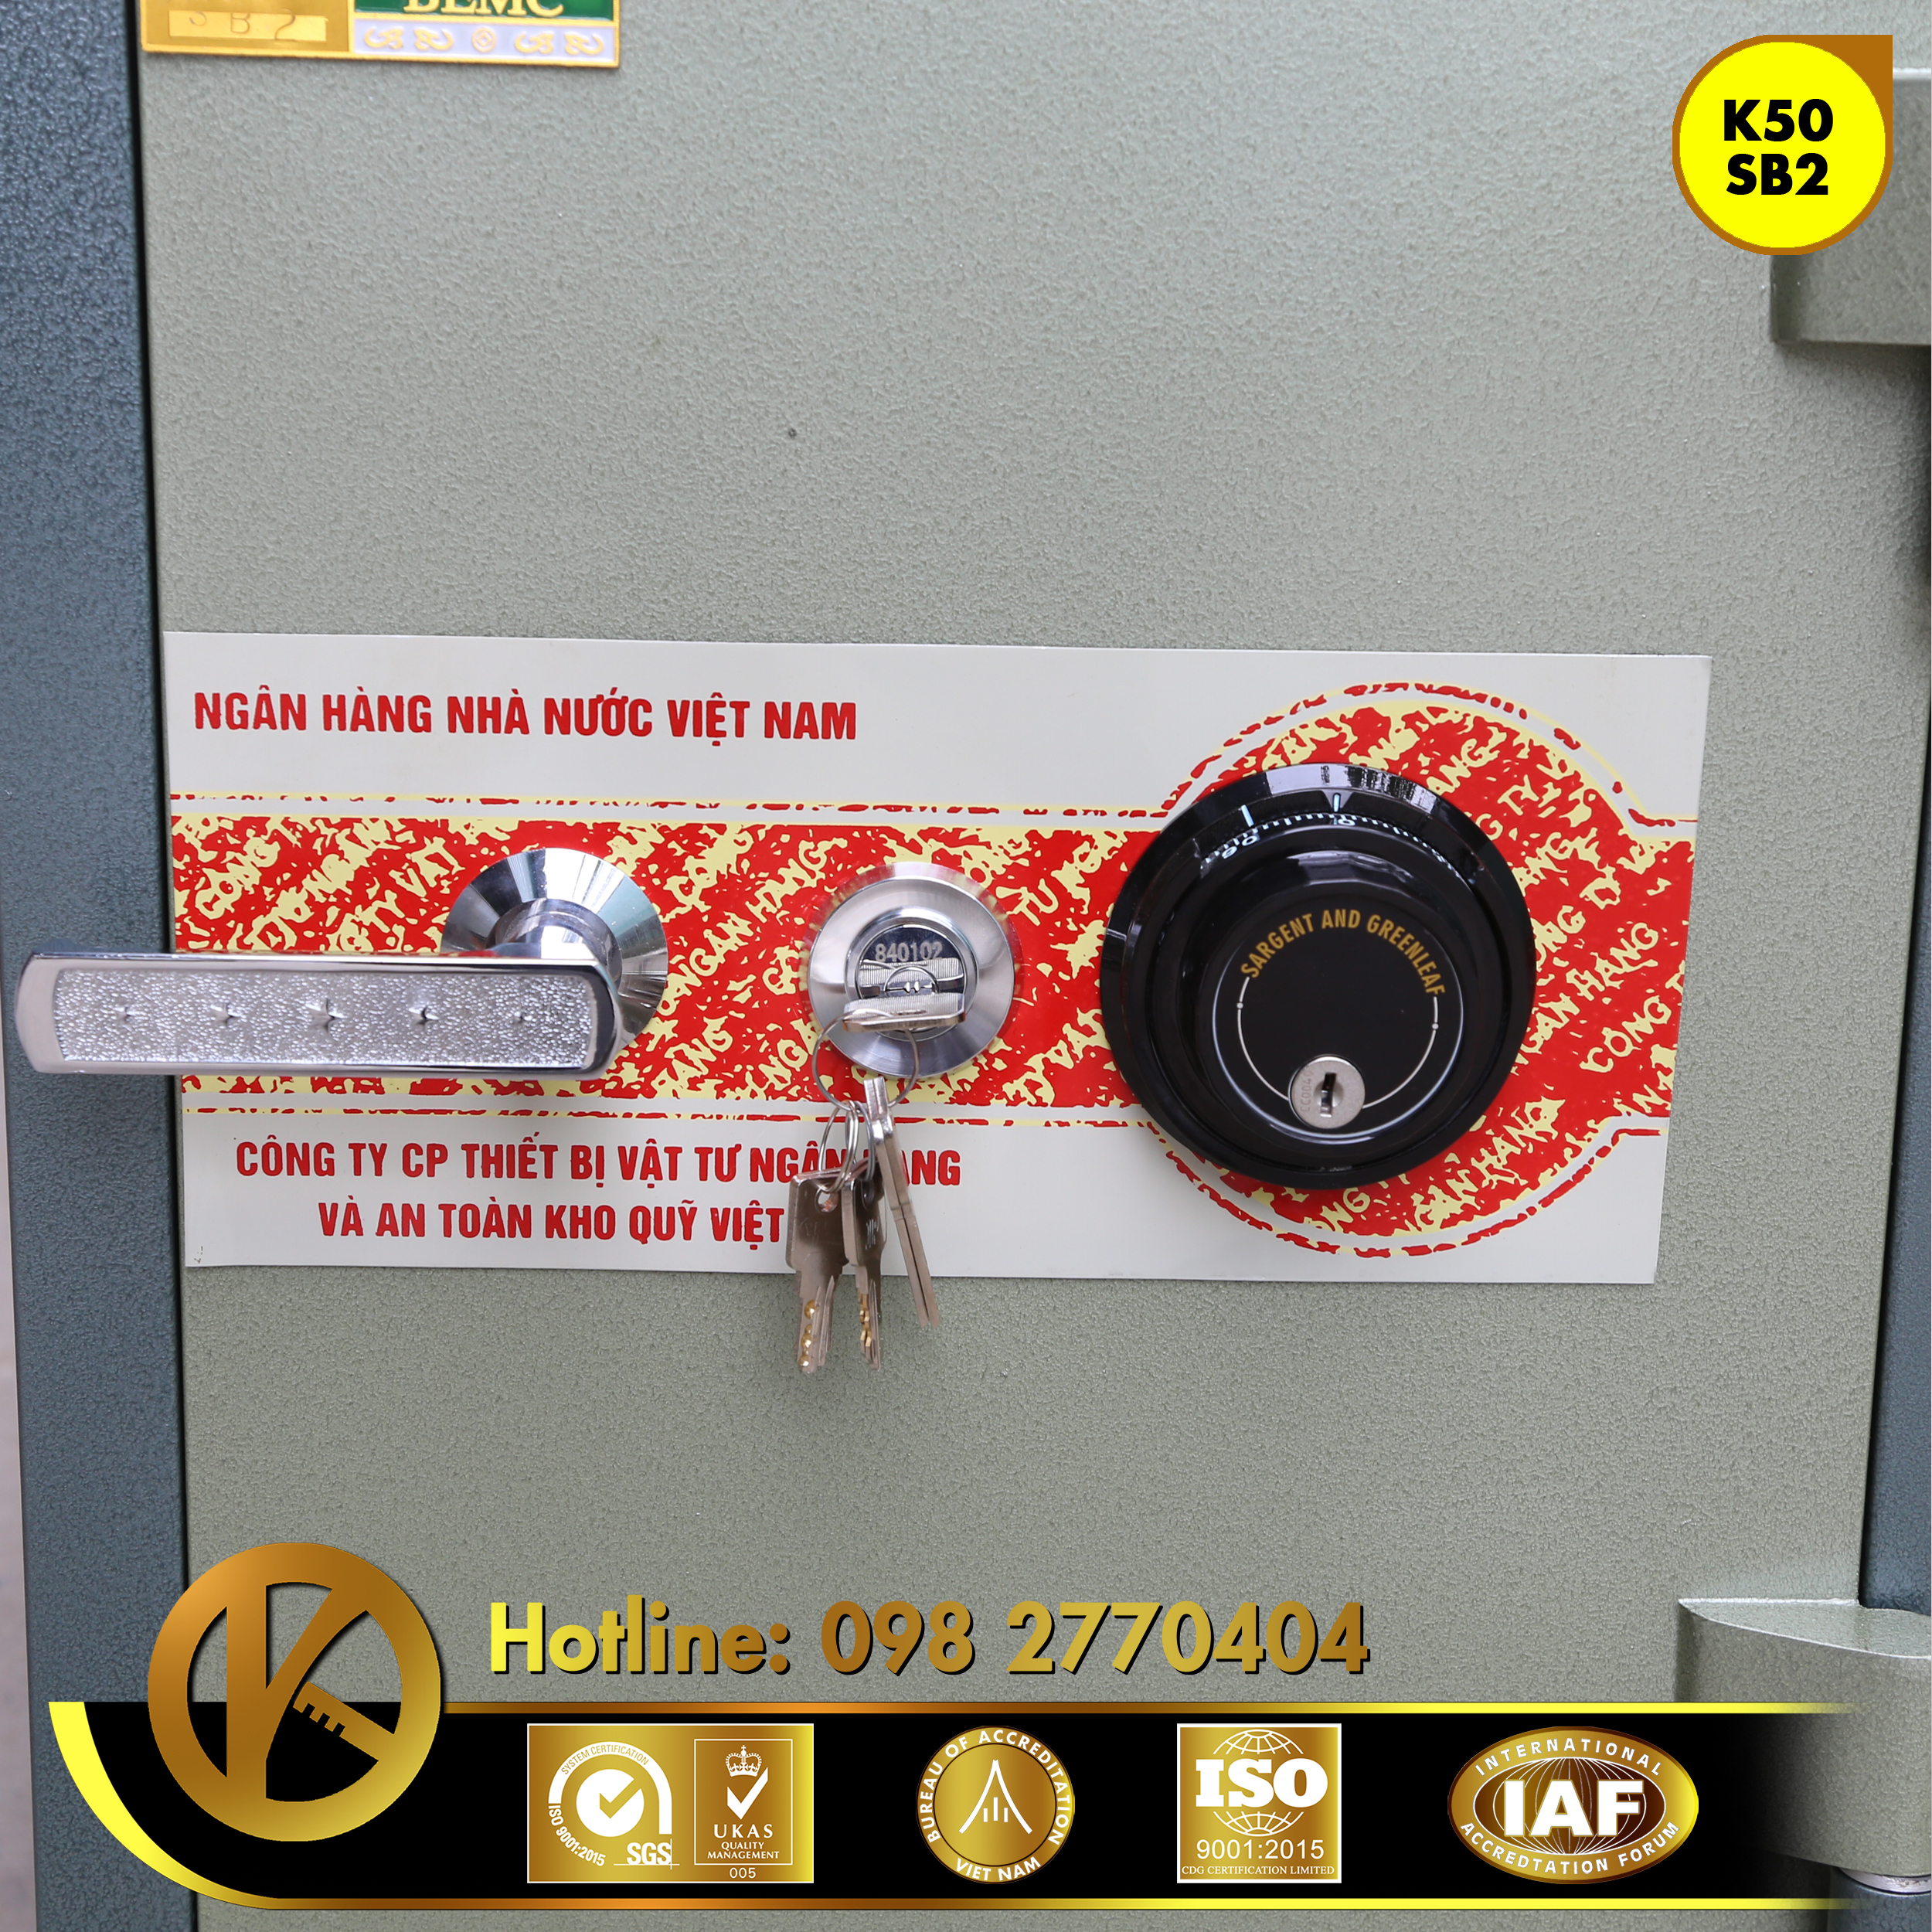 đặc điểm sản phẩm Két Sắt Ngân Hàng BEMC K50 SB2